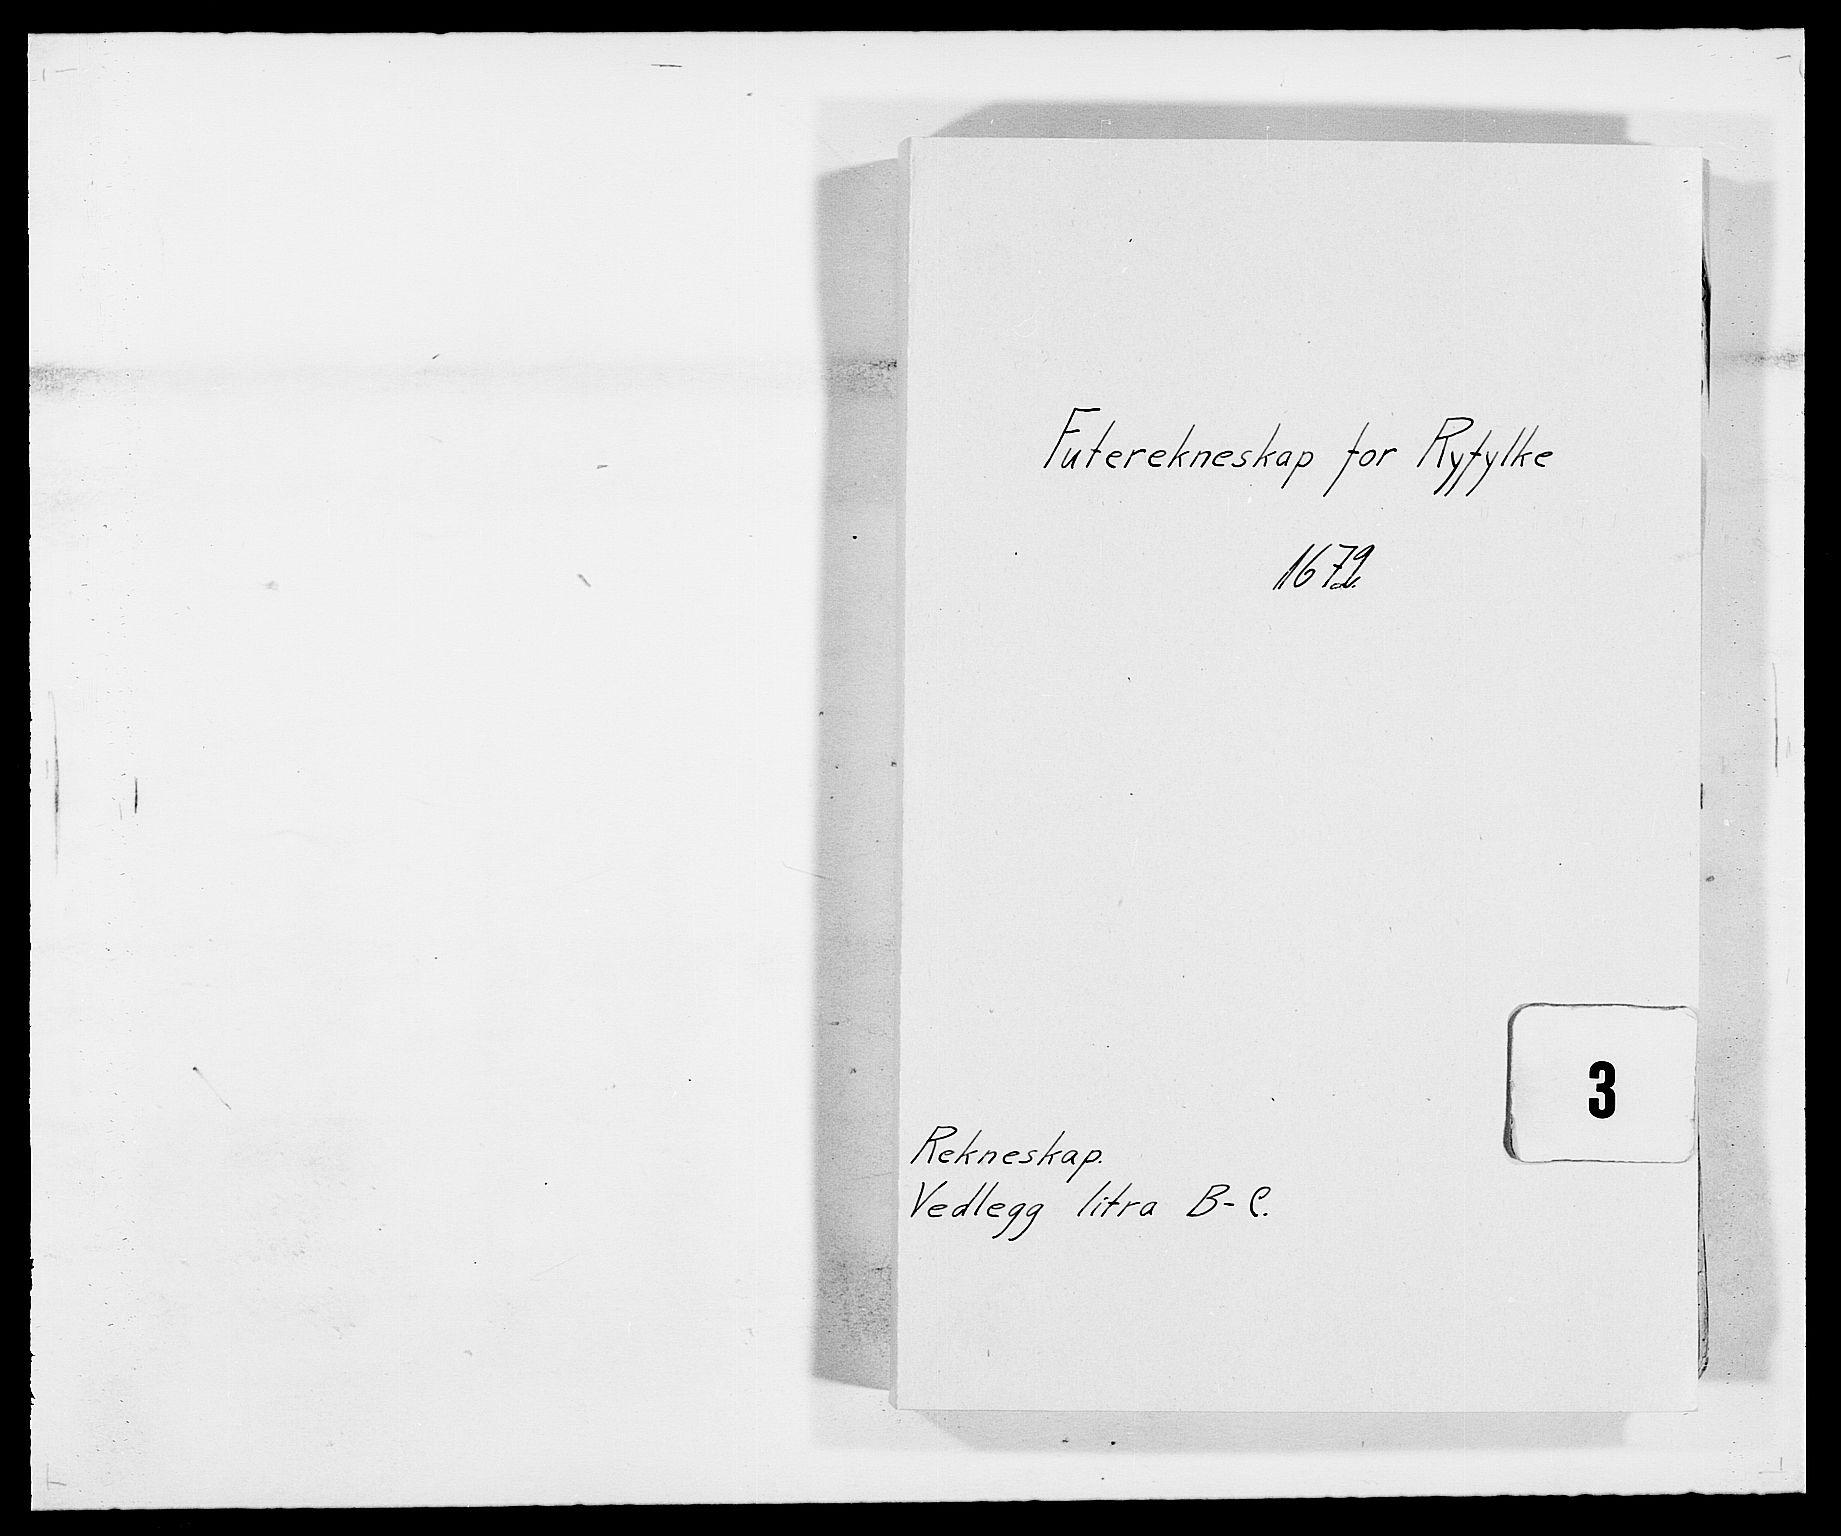 RA, Rentekammeret inntil 1814, Reviderte regnskaper, Fogderegnskap, R47/L2844: Fogderegnskap Ryfylke, 1672-1673, s. 1